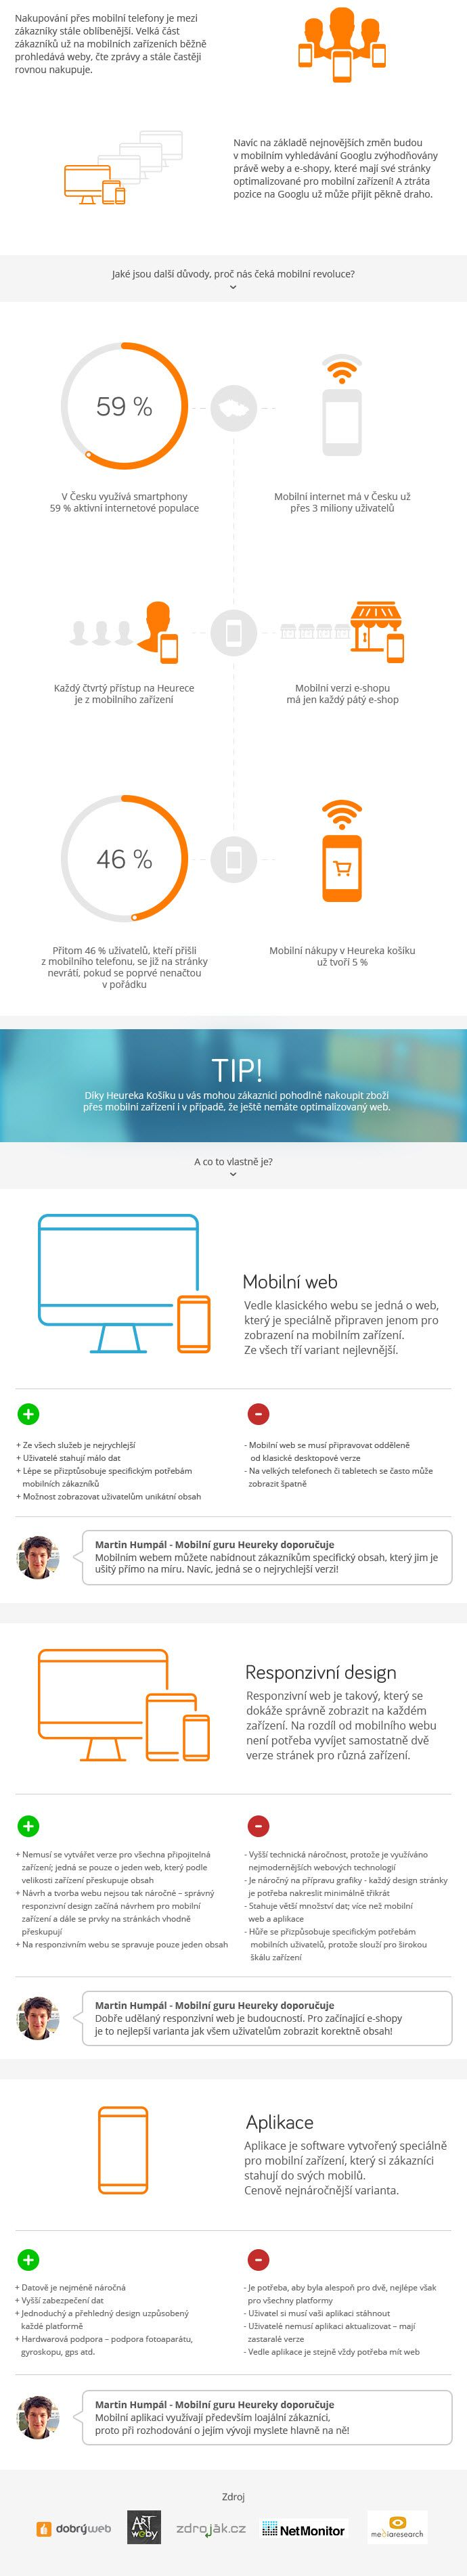 nakupování na internetu Heureka B2B B2C responzivní design vs. mobilní aplikace